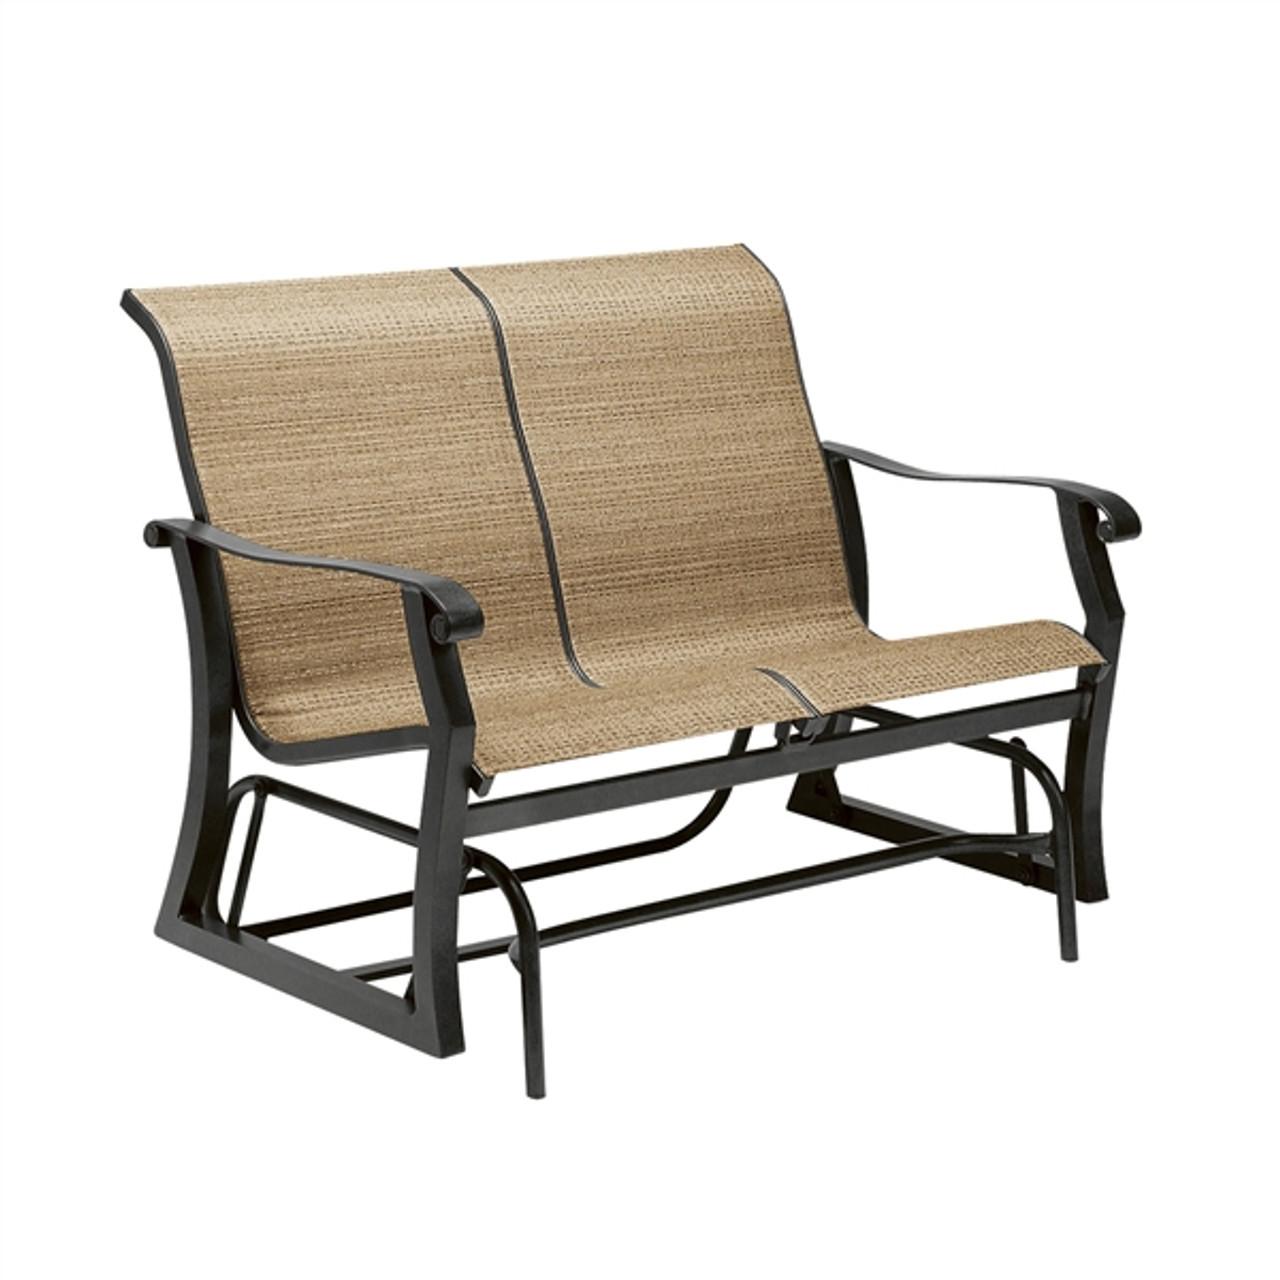 Woodard Sling Patio Furniture.Woodard Cortland Outdoor Sling Gliding Loveseat